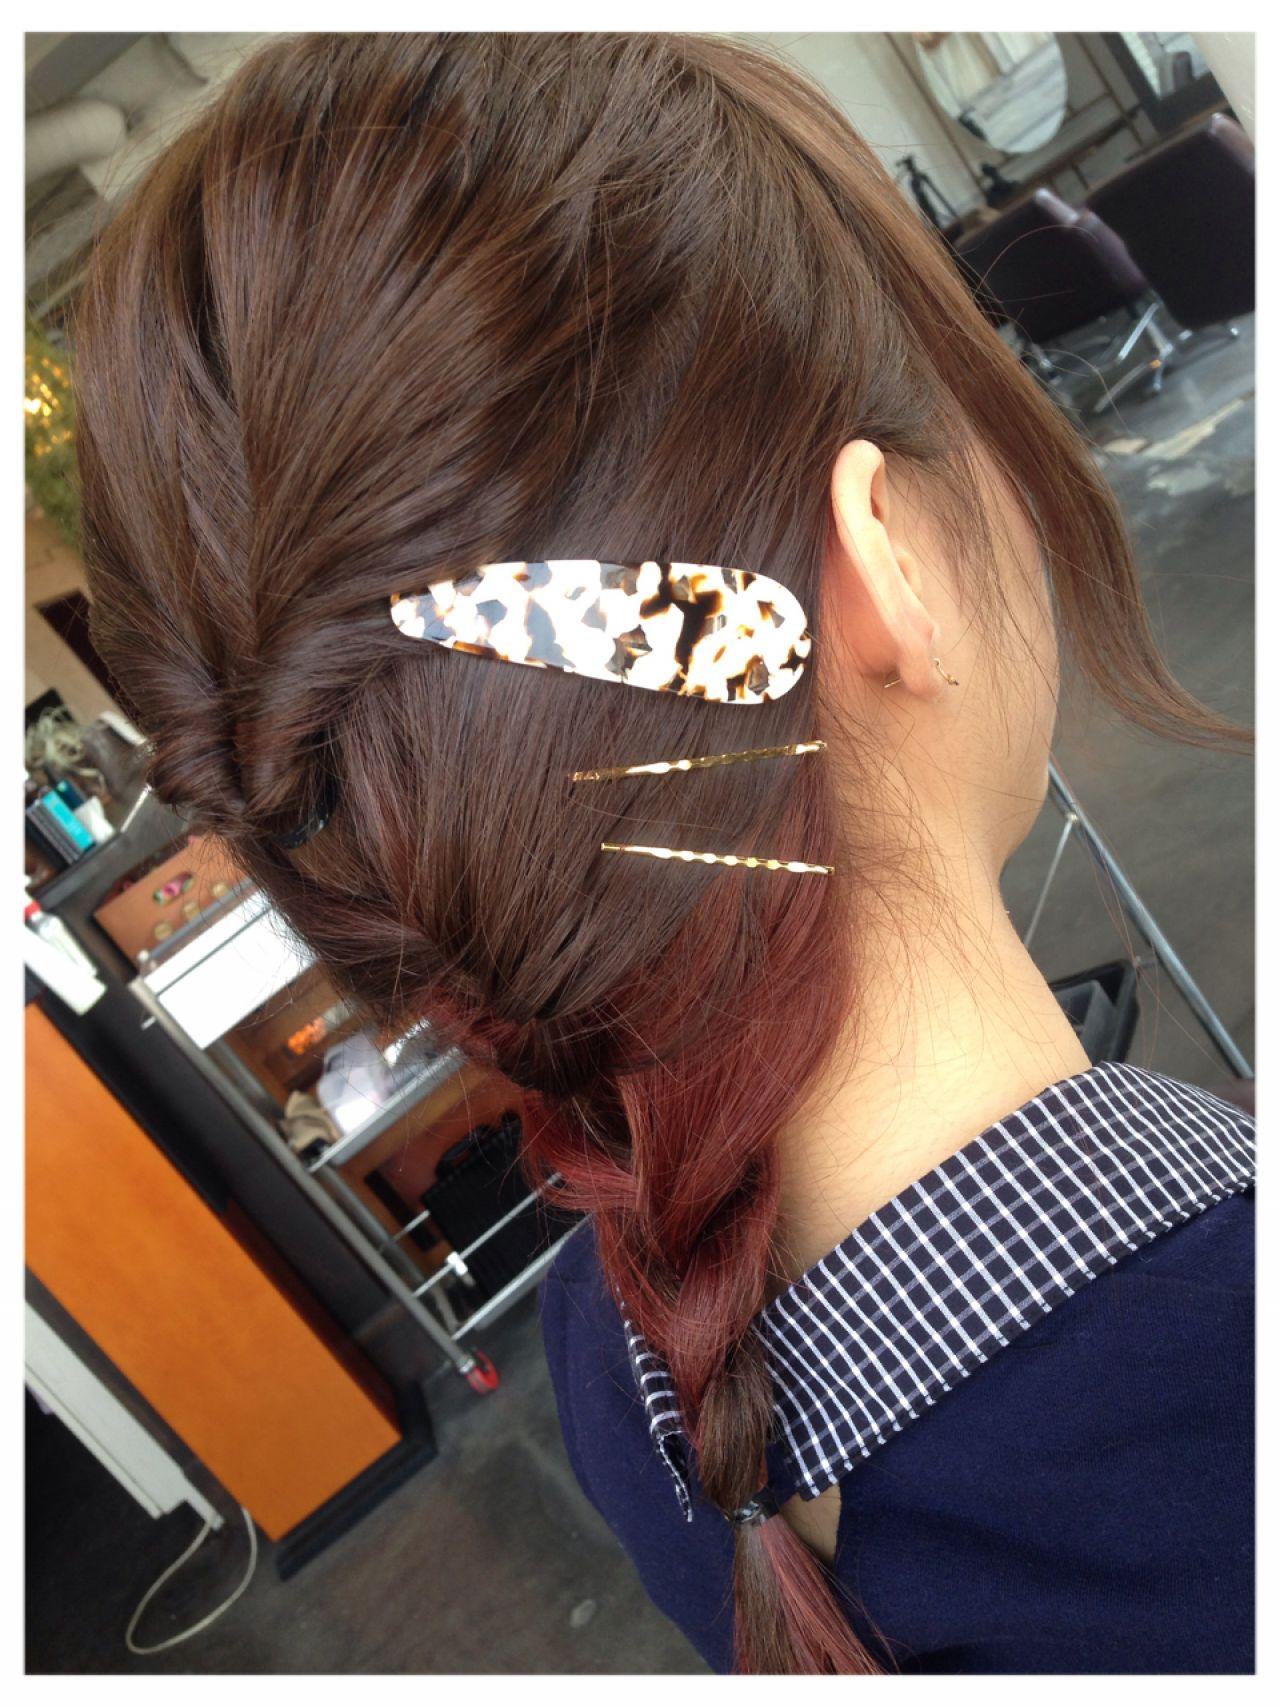 後ろでくるりんぱして、その下の毛をあみこんだだけの簡単ヘアアレンジ♪あみこみするとインナーカラーが見えてかわいいです*